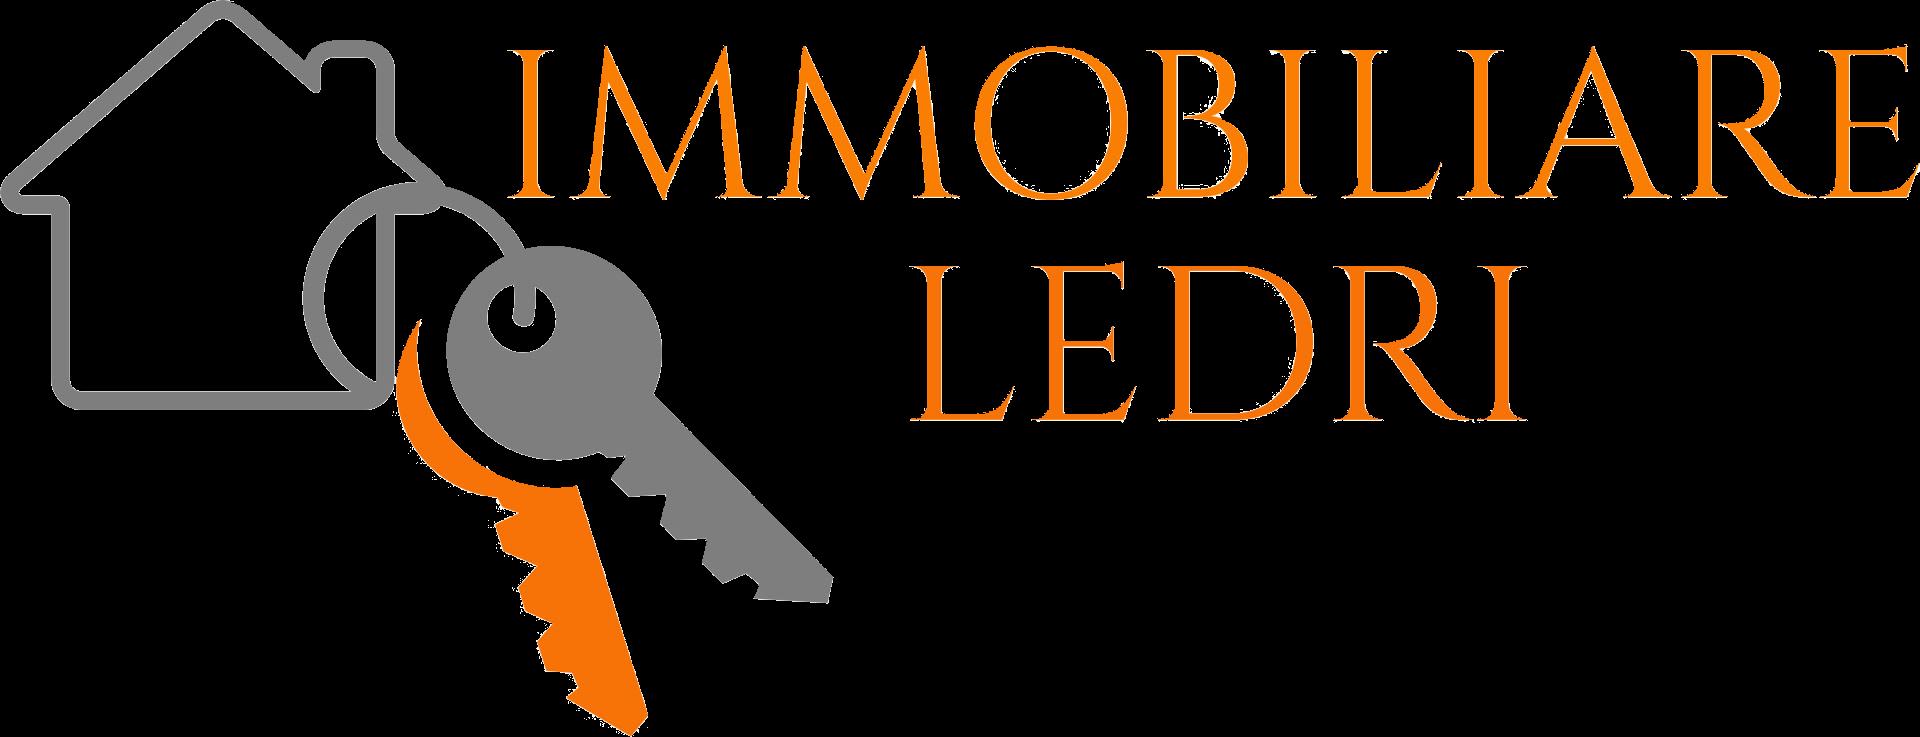 Immobiliare Ledri